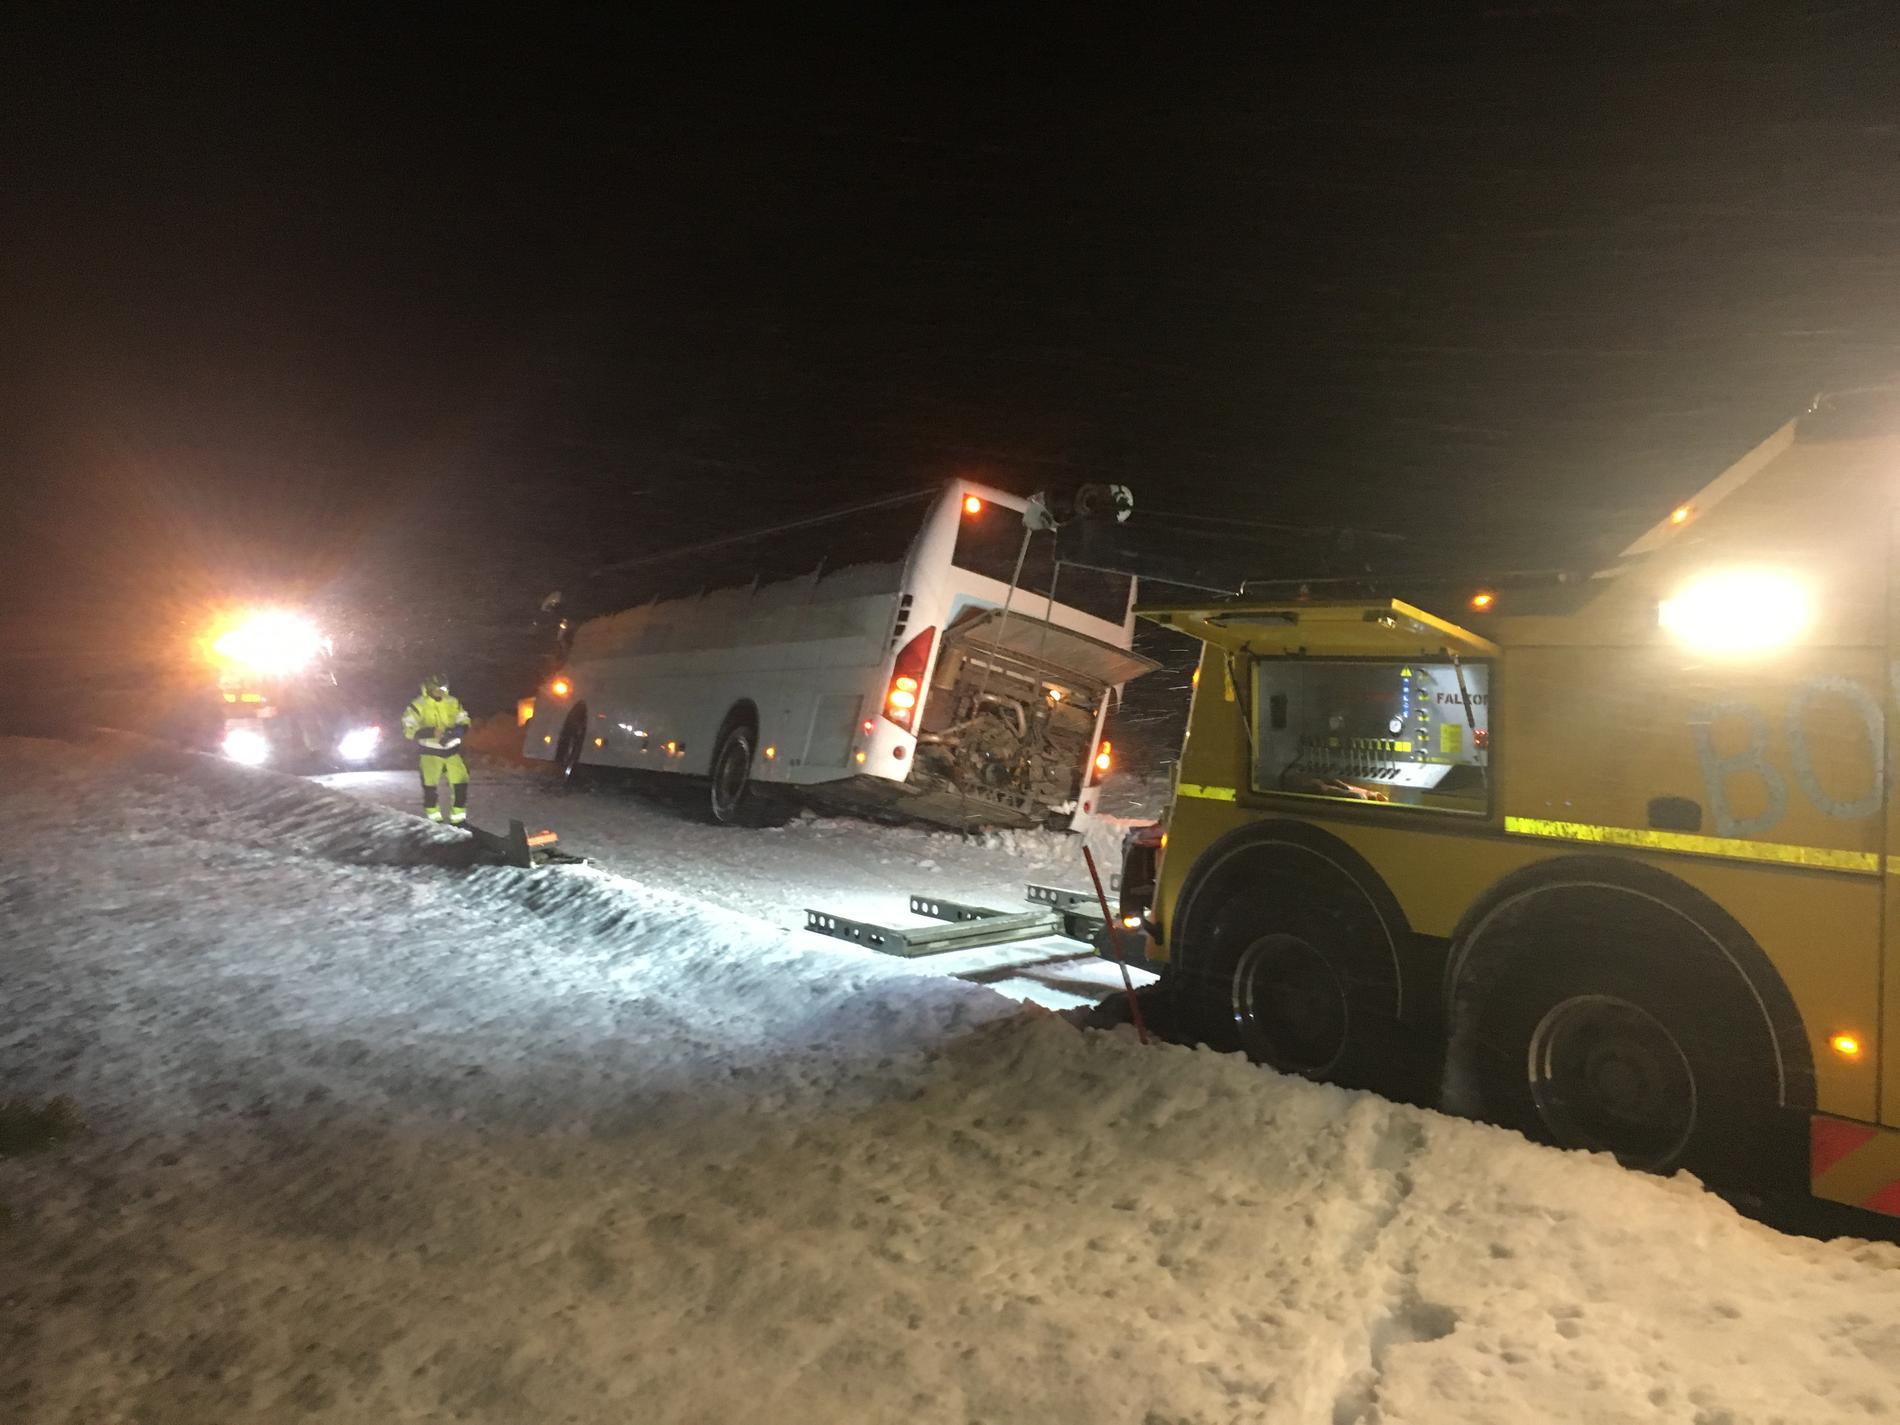 En skolbuss blåste omkull i stormväder i Norge.